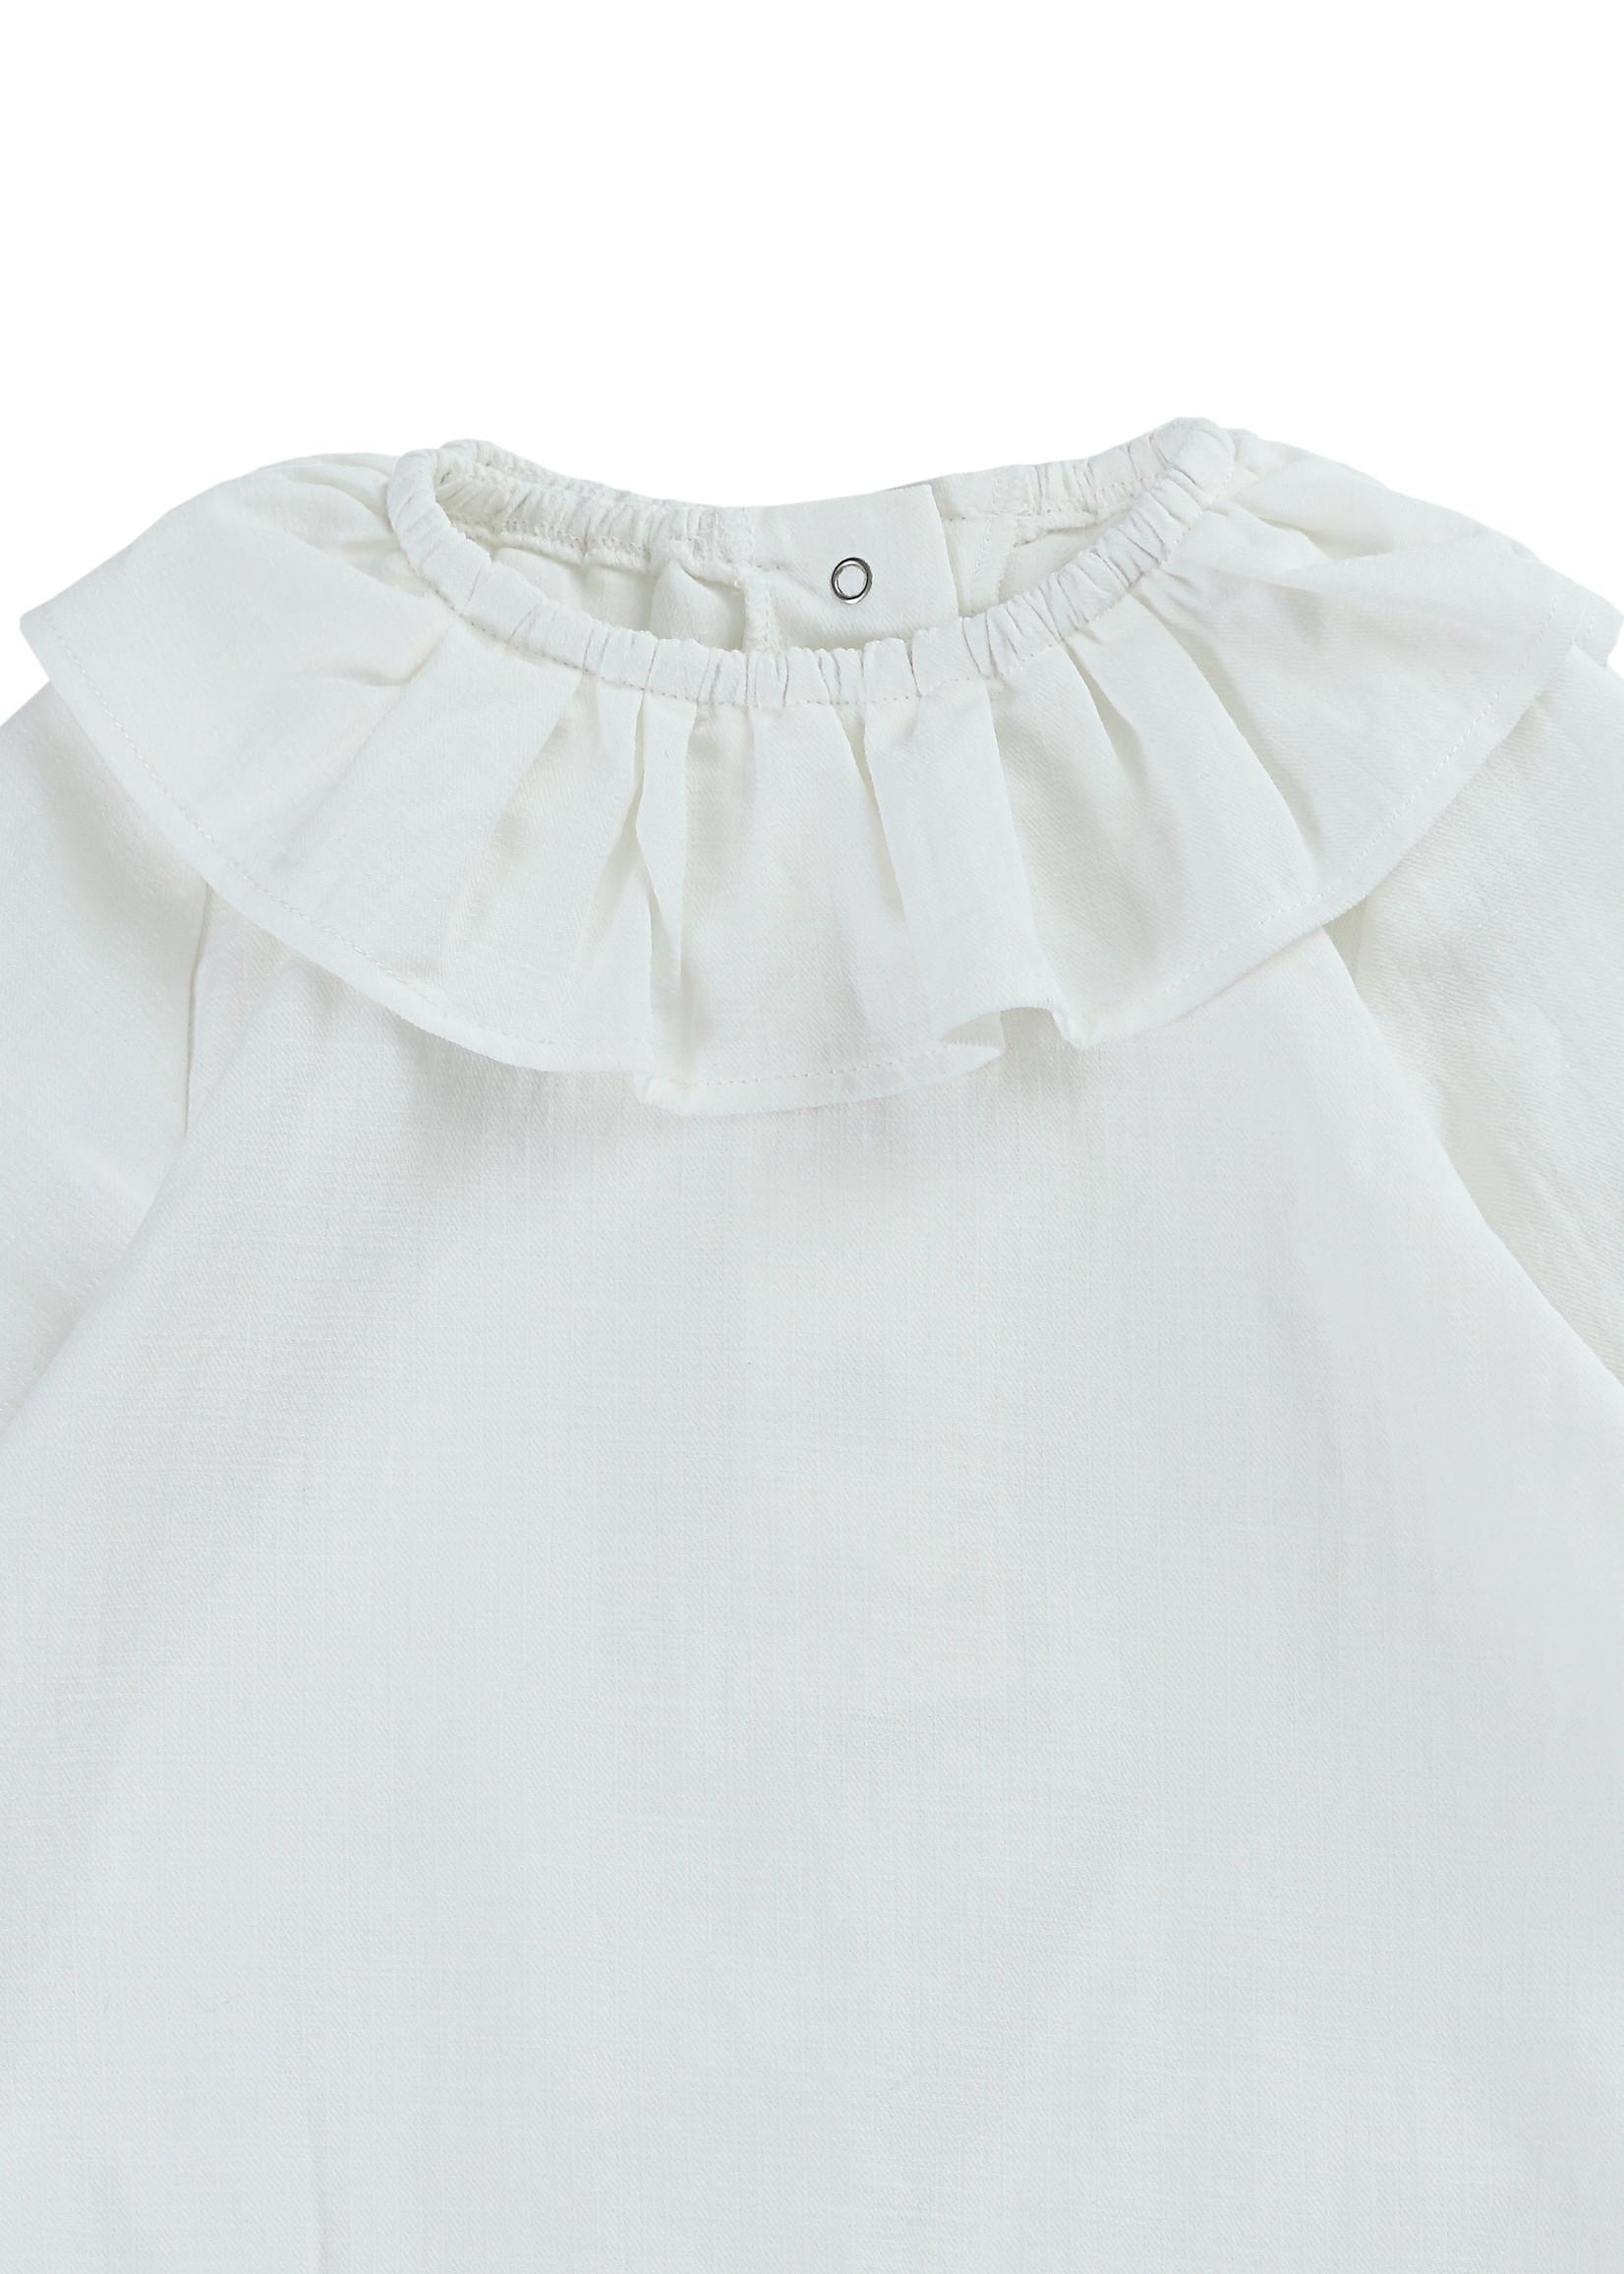 Donsje Amsterdam Chloe Bodysuit - Snowy White